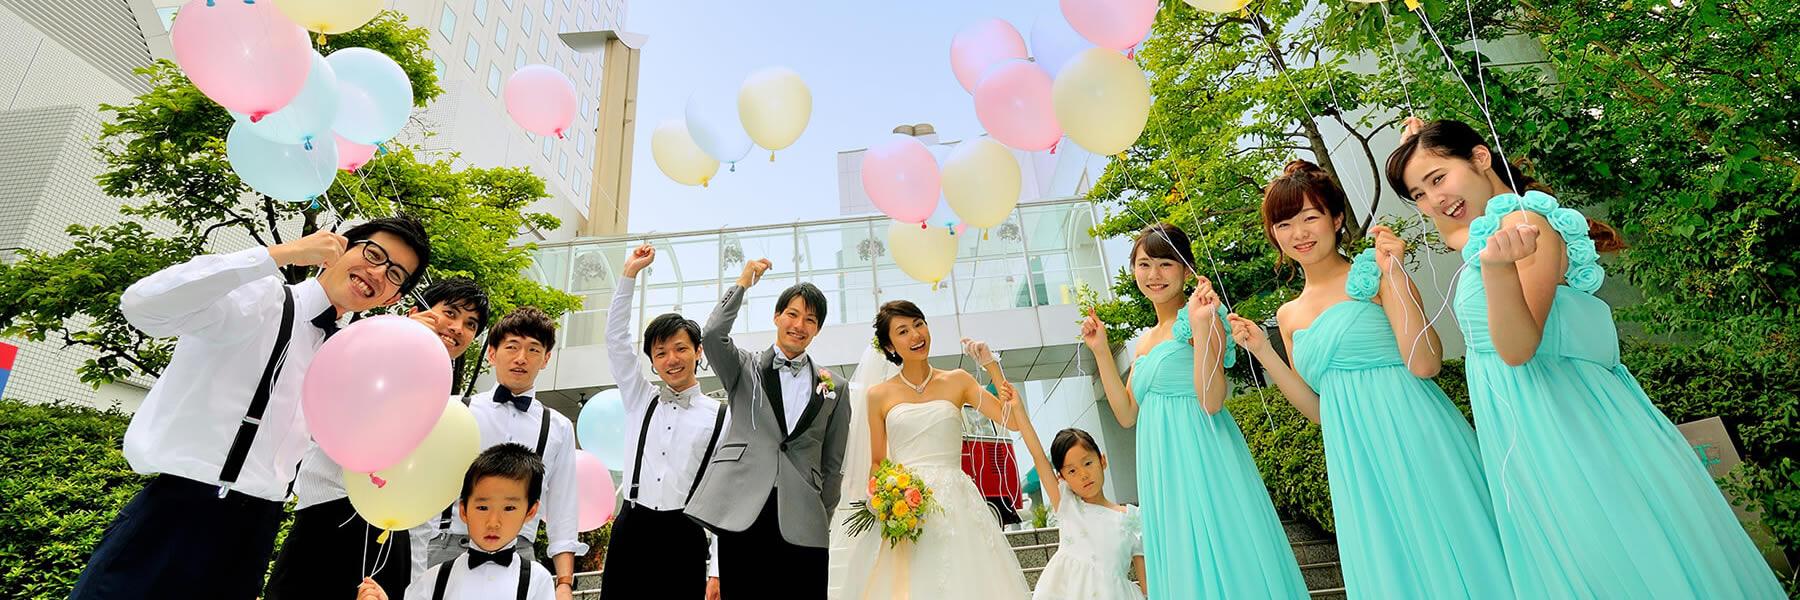 1.5次会プラン|ウエディングプラン|レンブラントホテル海老名【公式】婚礼サイト